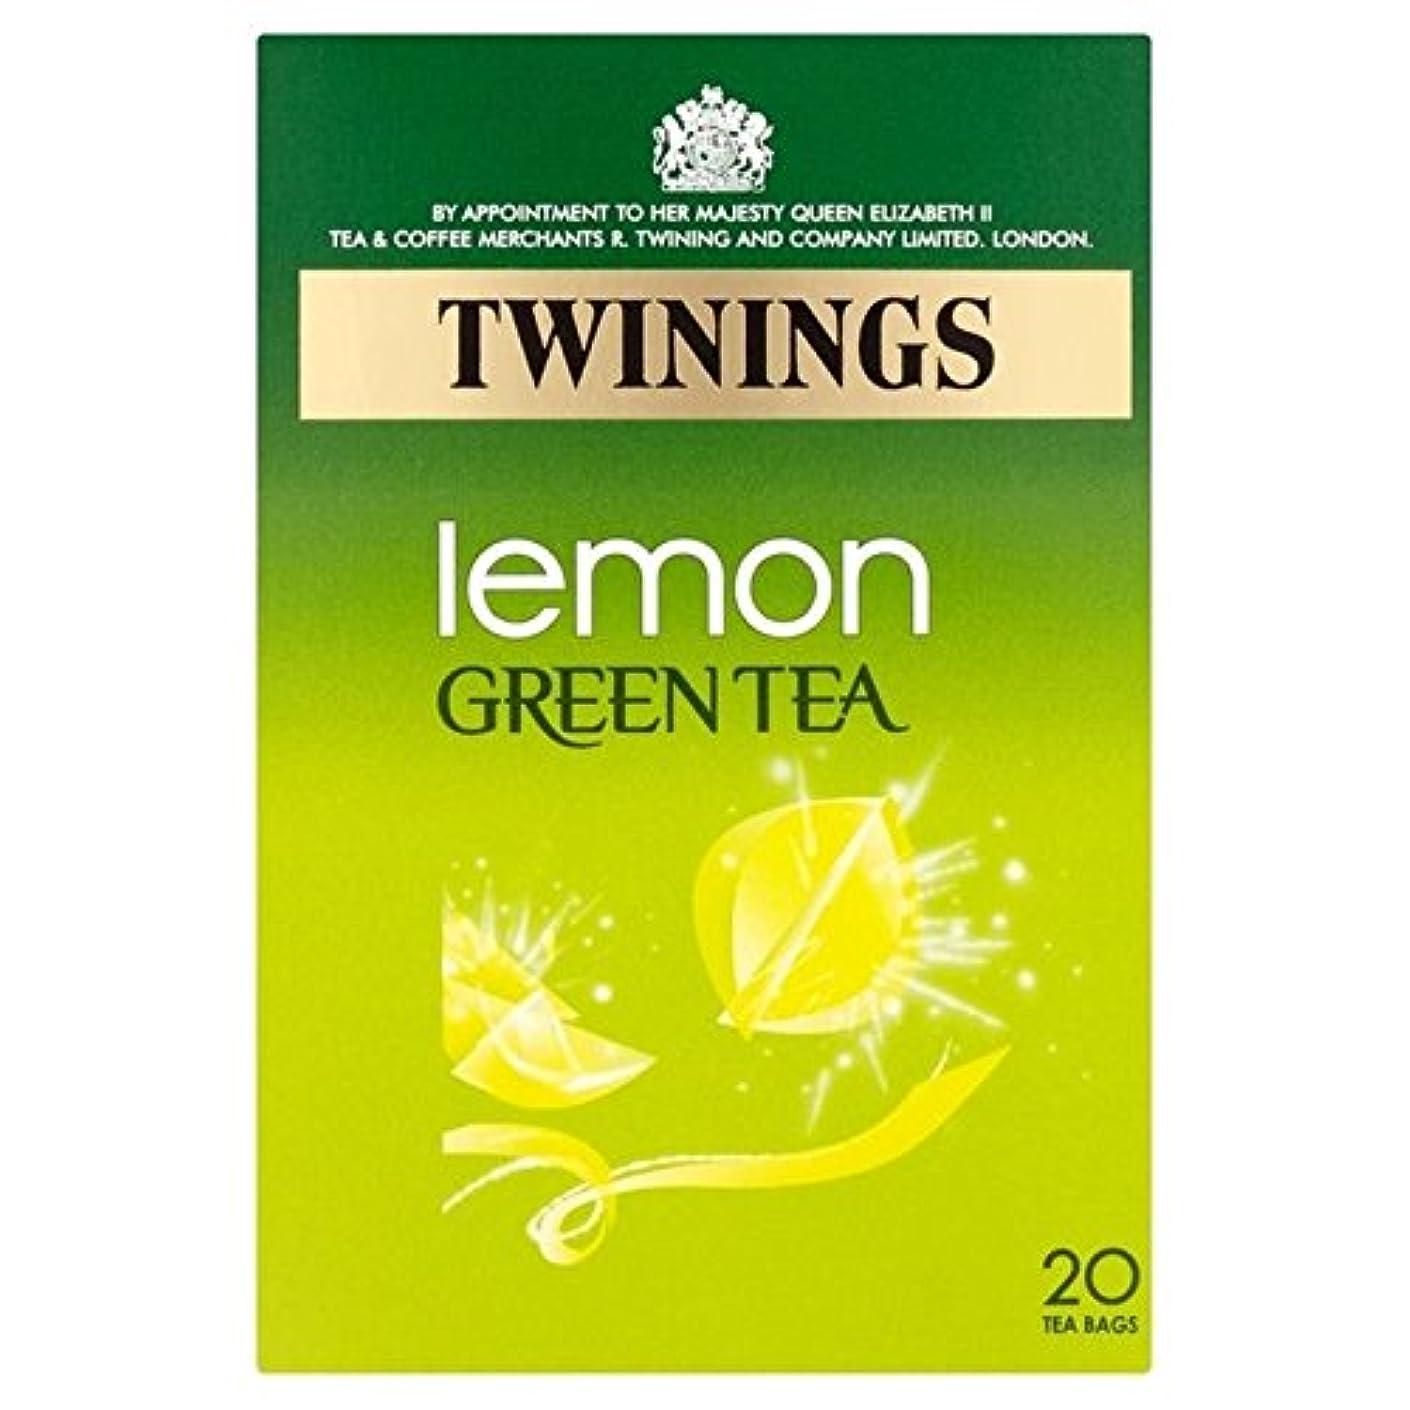 ローン周り外交官トワイニングレモンパックあたりの緑茶20 (x 4) - Twinings Lemon Green Tea 20 per pack (Pack of 4) [並行輸入品]